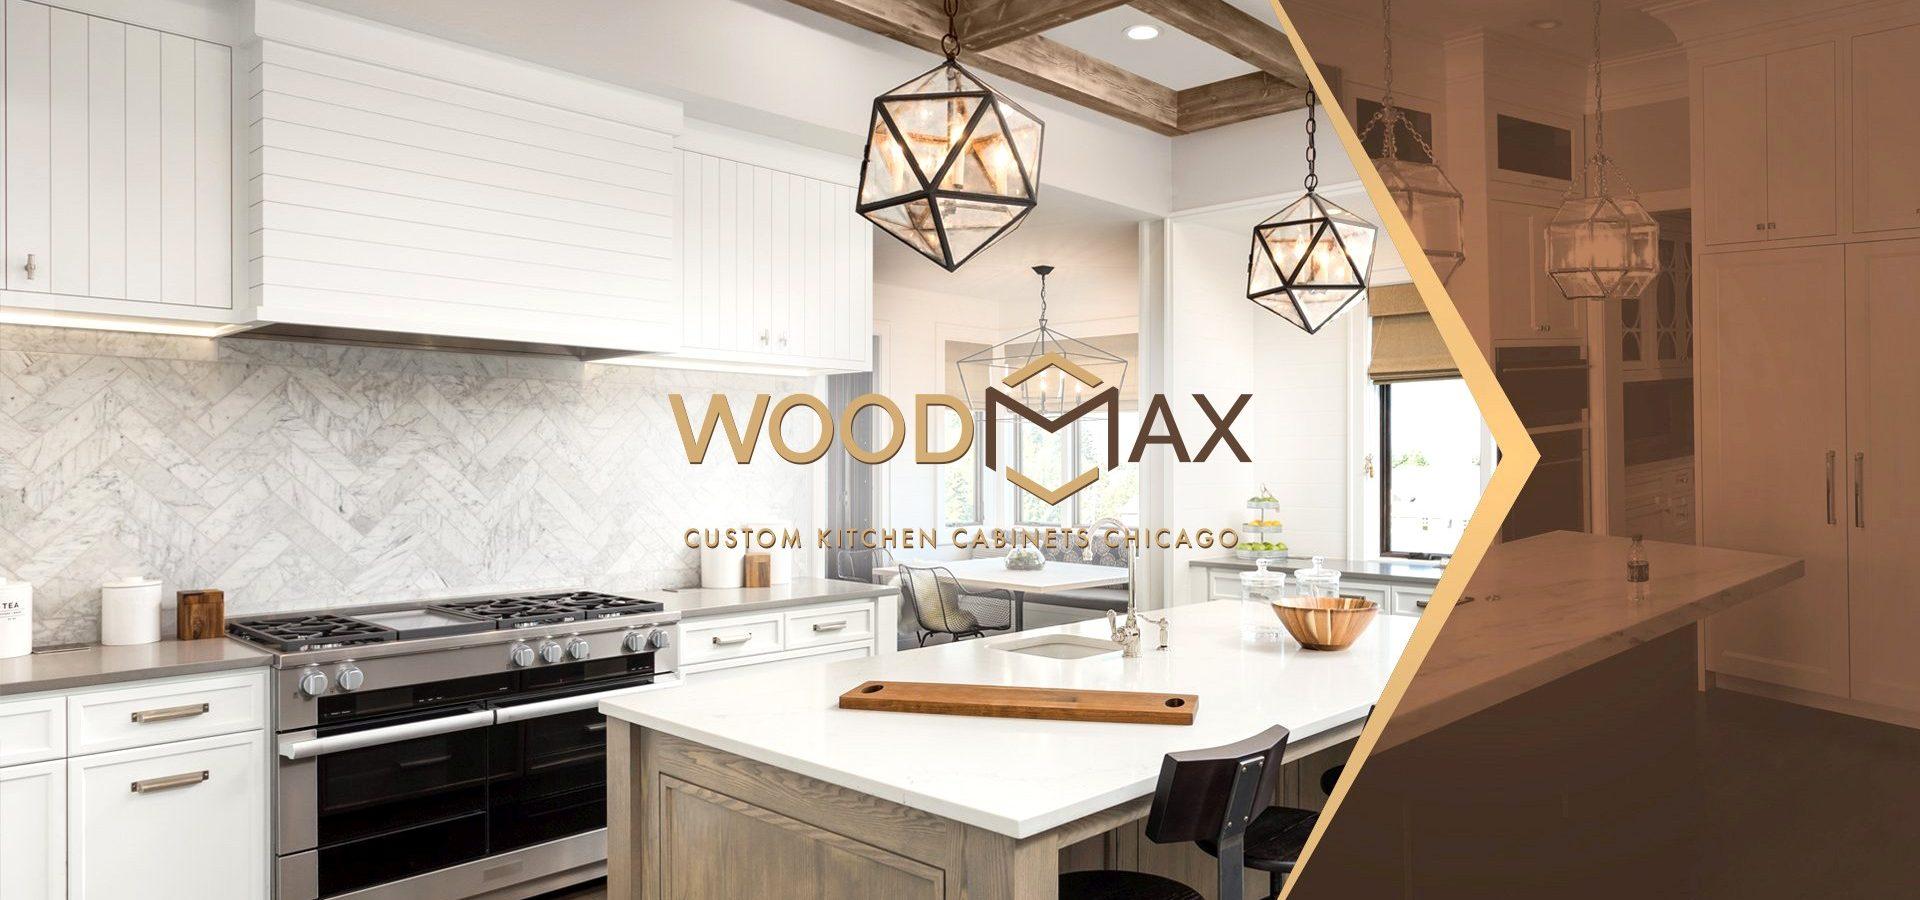 Woodmax Inc